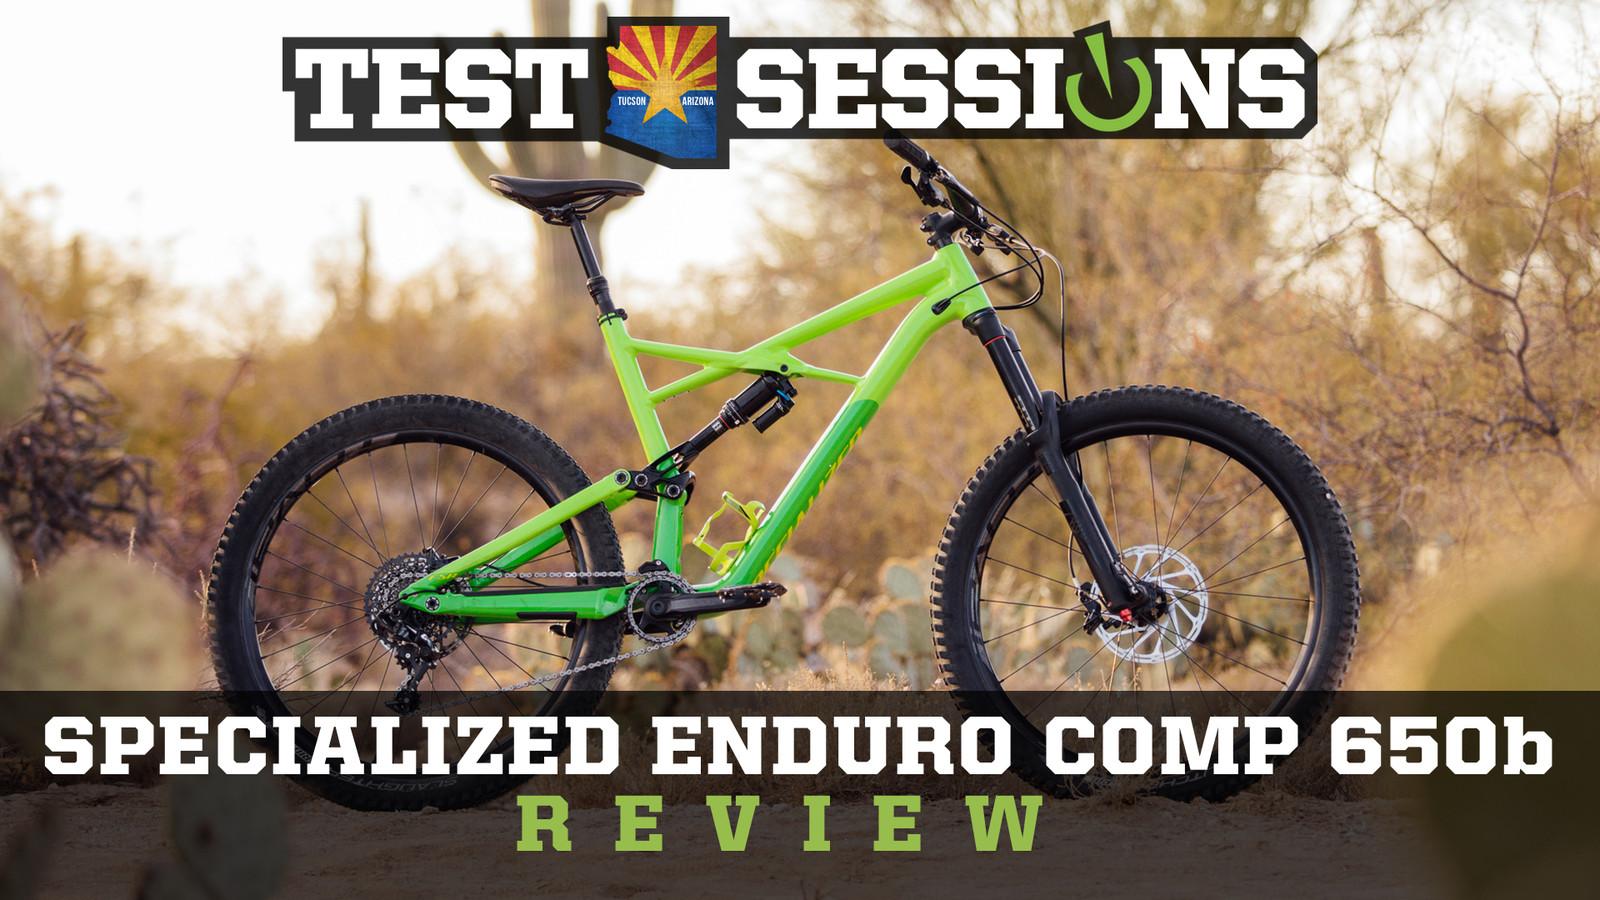 2017 Specialized Enduro Comp 650b - Reviews, Comparisons